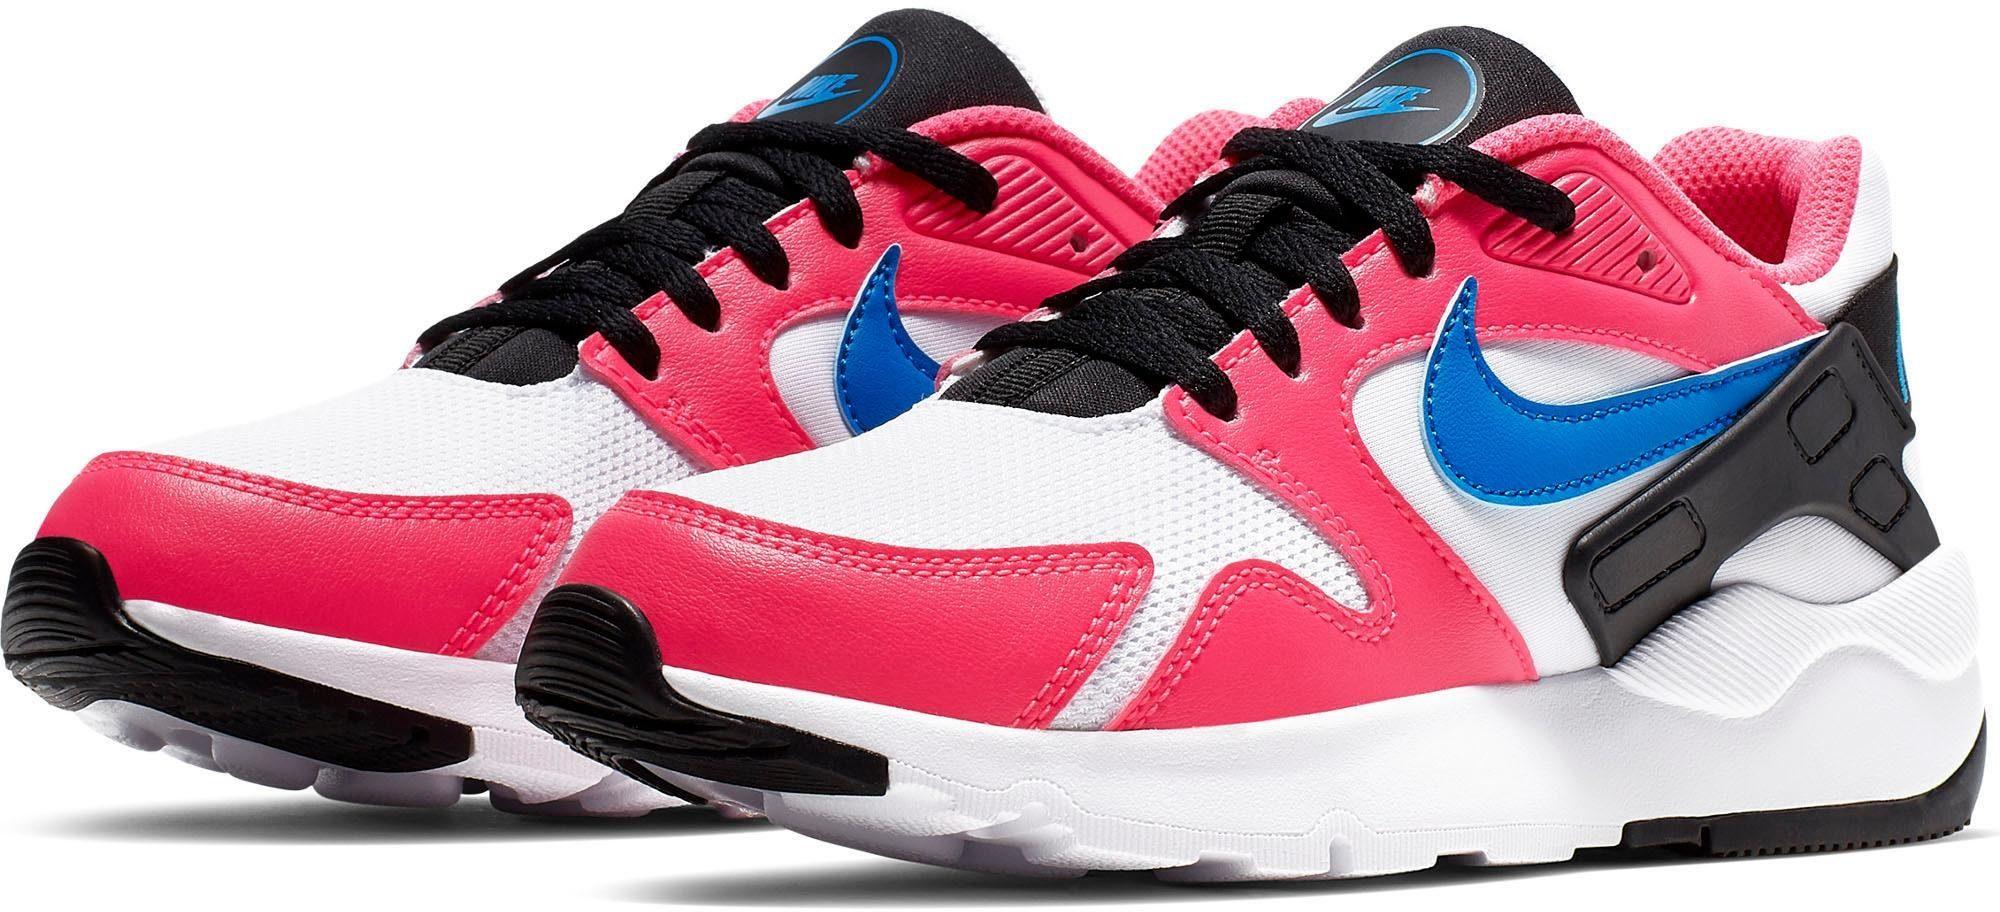 Nike Sportswear »Ld Victory« Sneaker, Trendiger Sneaker von Nike online kaufen | OTTO